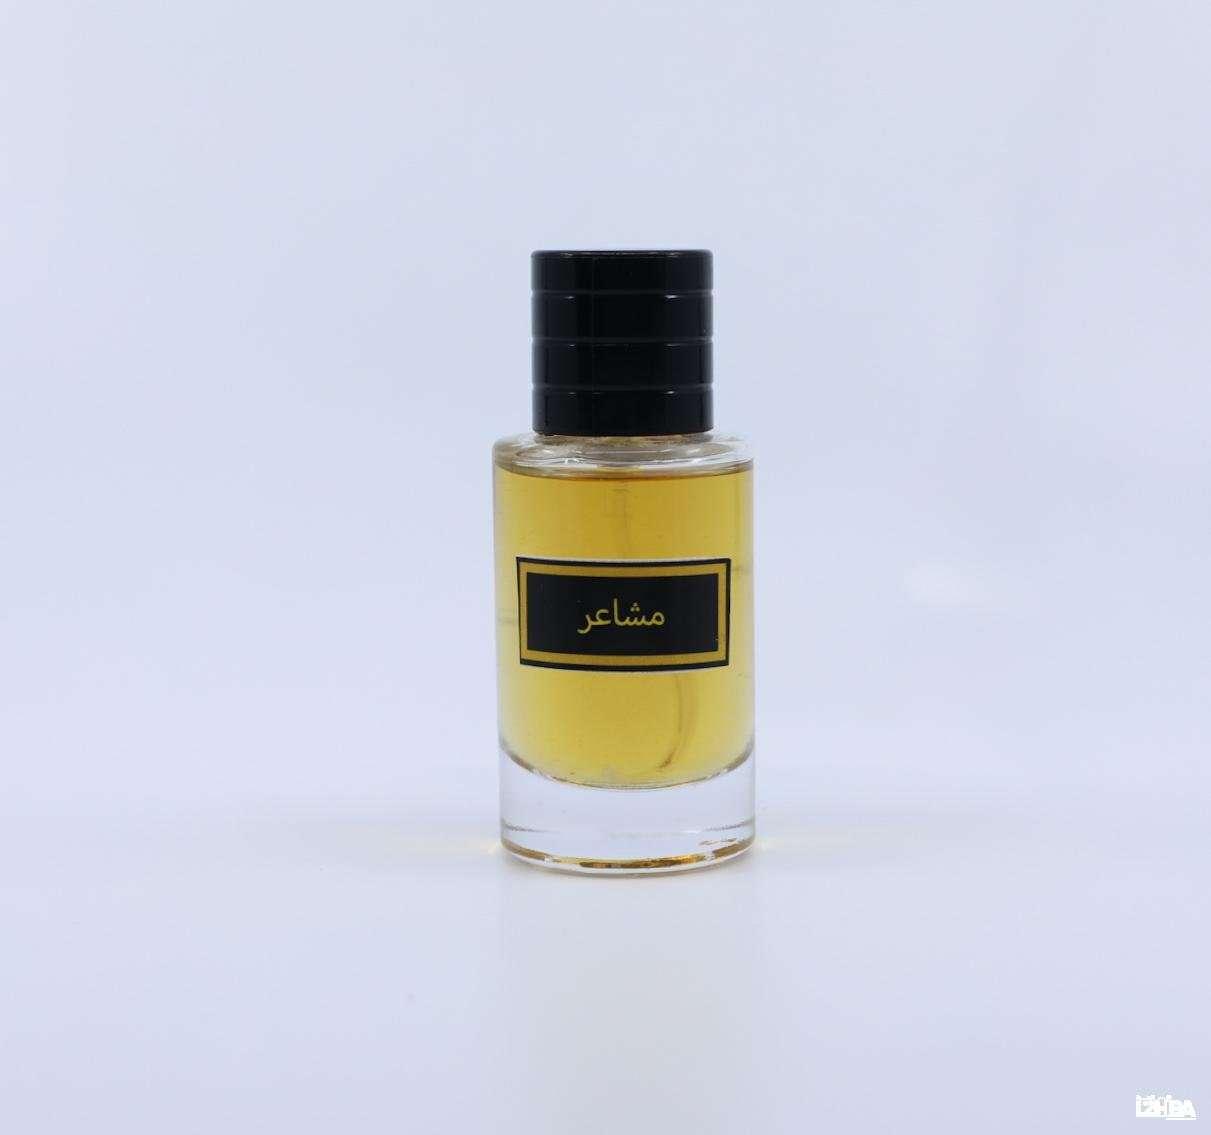 Mashaeer Perfume